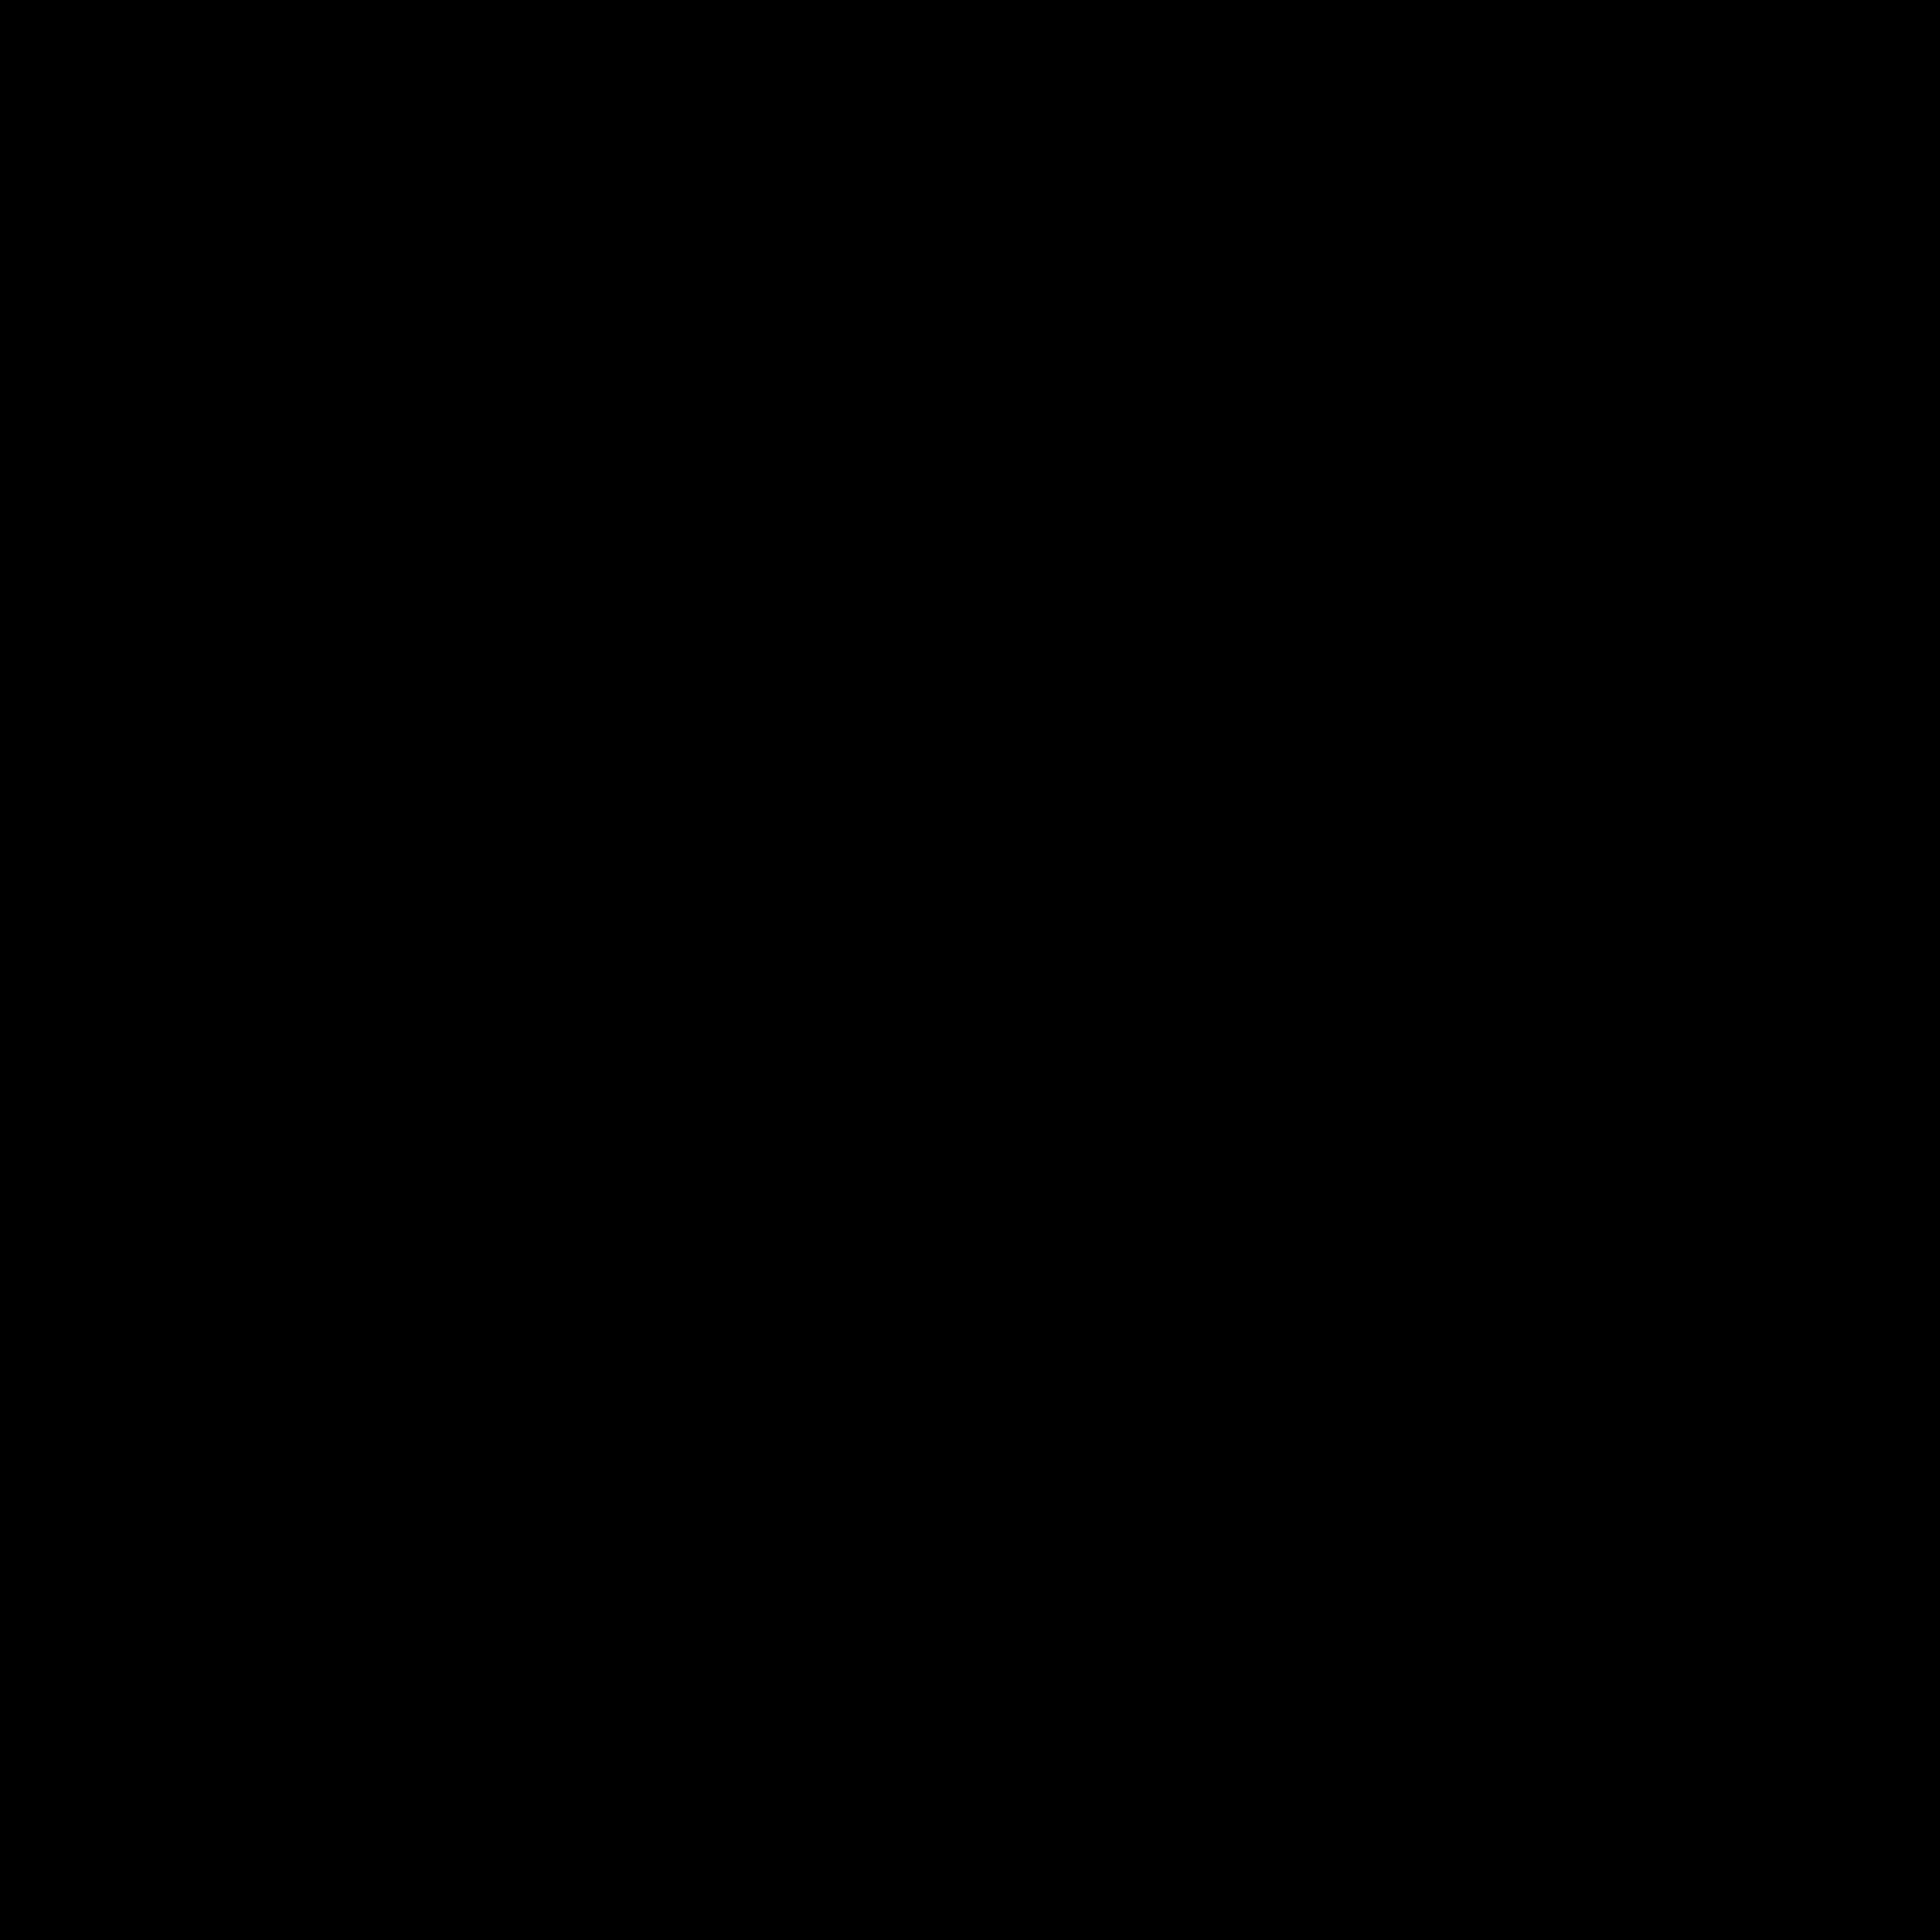 Original Schwedenkasten/Konsole von 1840